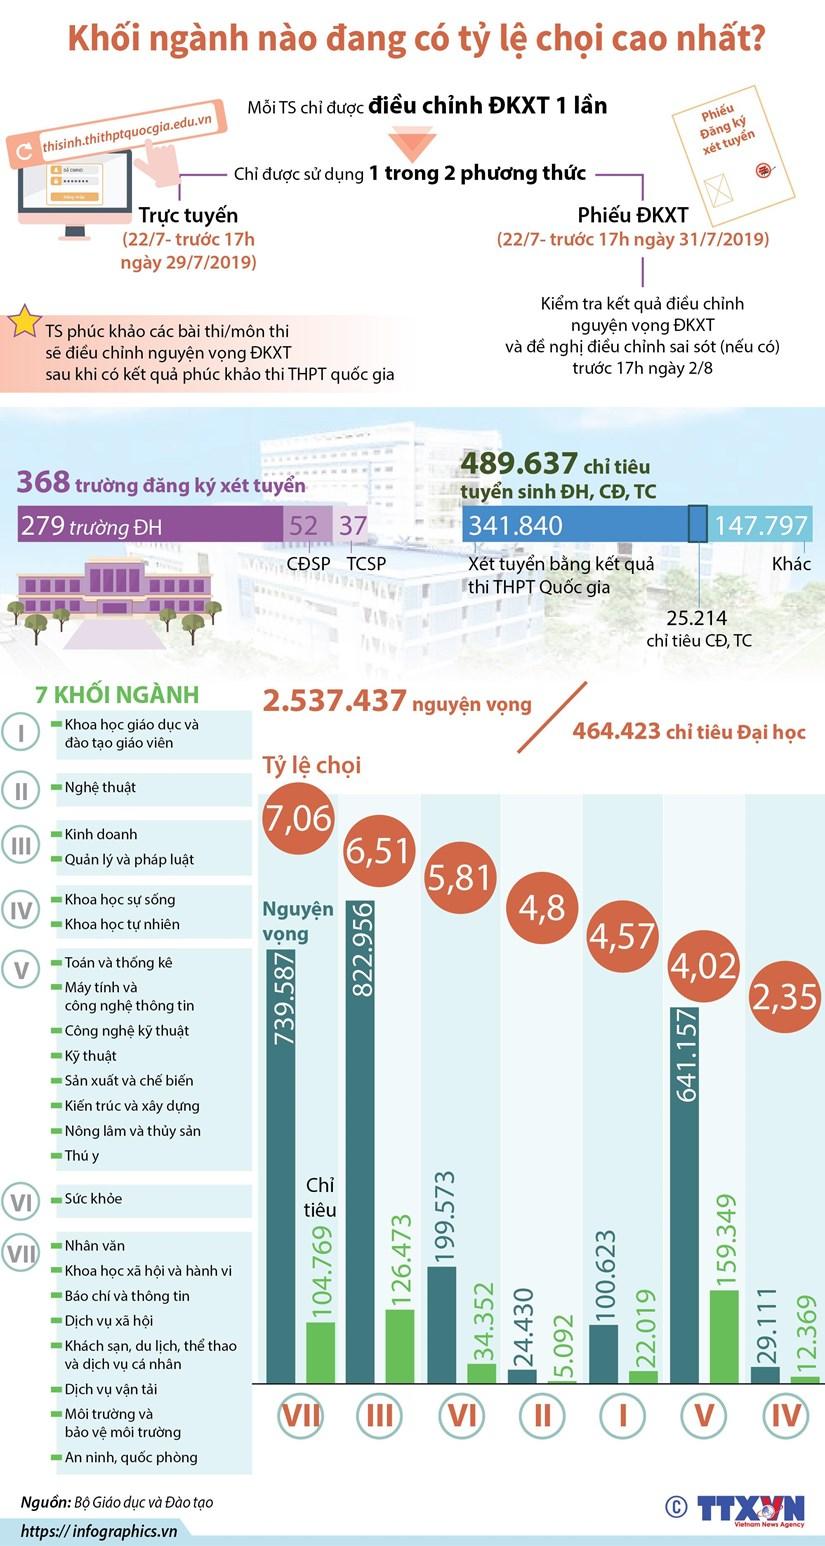 [Infographics] Khối ngành nào đang có tỷ lệ chọi cao nhất?